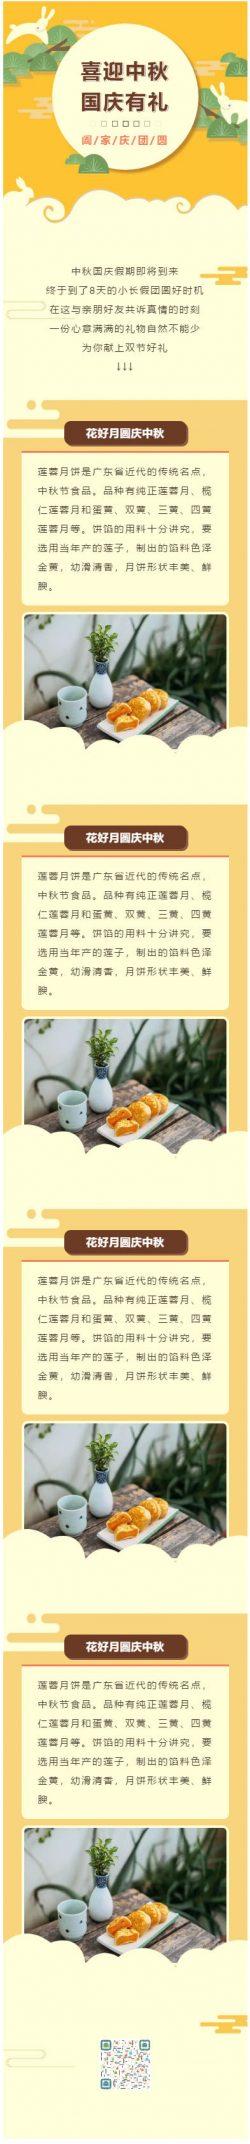 2020中秋节,国庆节71周年微信公众号推文模板微信模板中国风推送文章素材